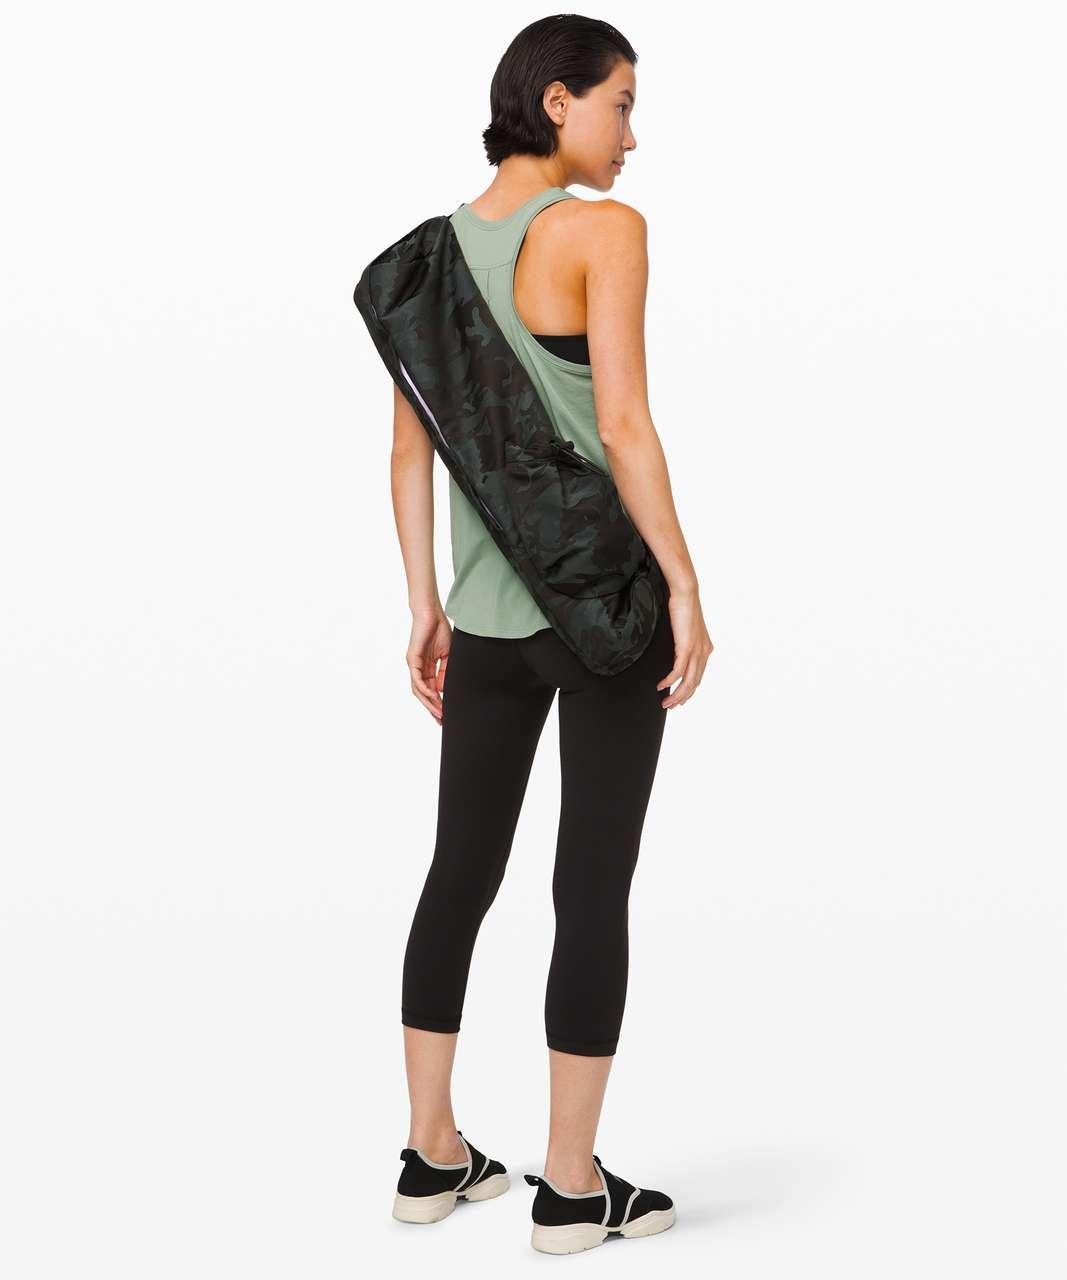 Lululemon The Yoga Mat Bag *16L - Jacquard Camo Cotton Obsidian / Black